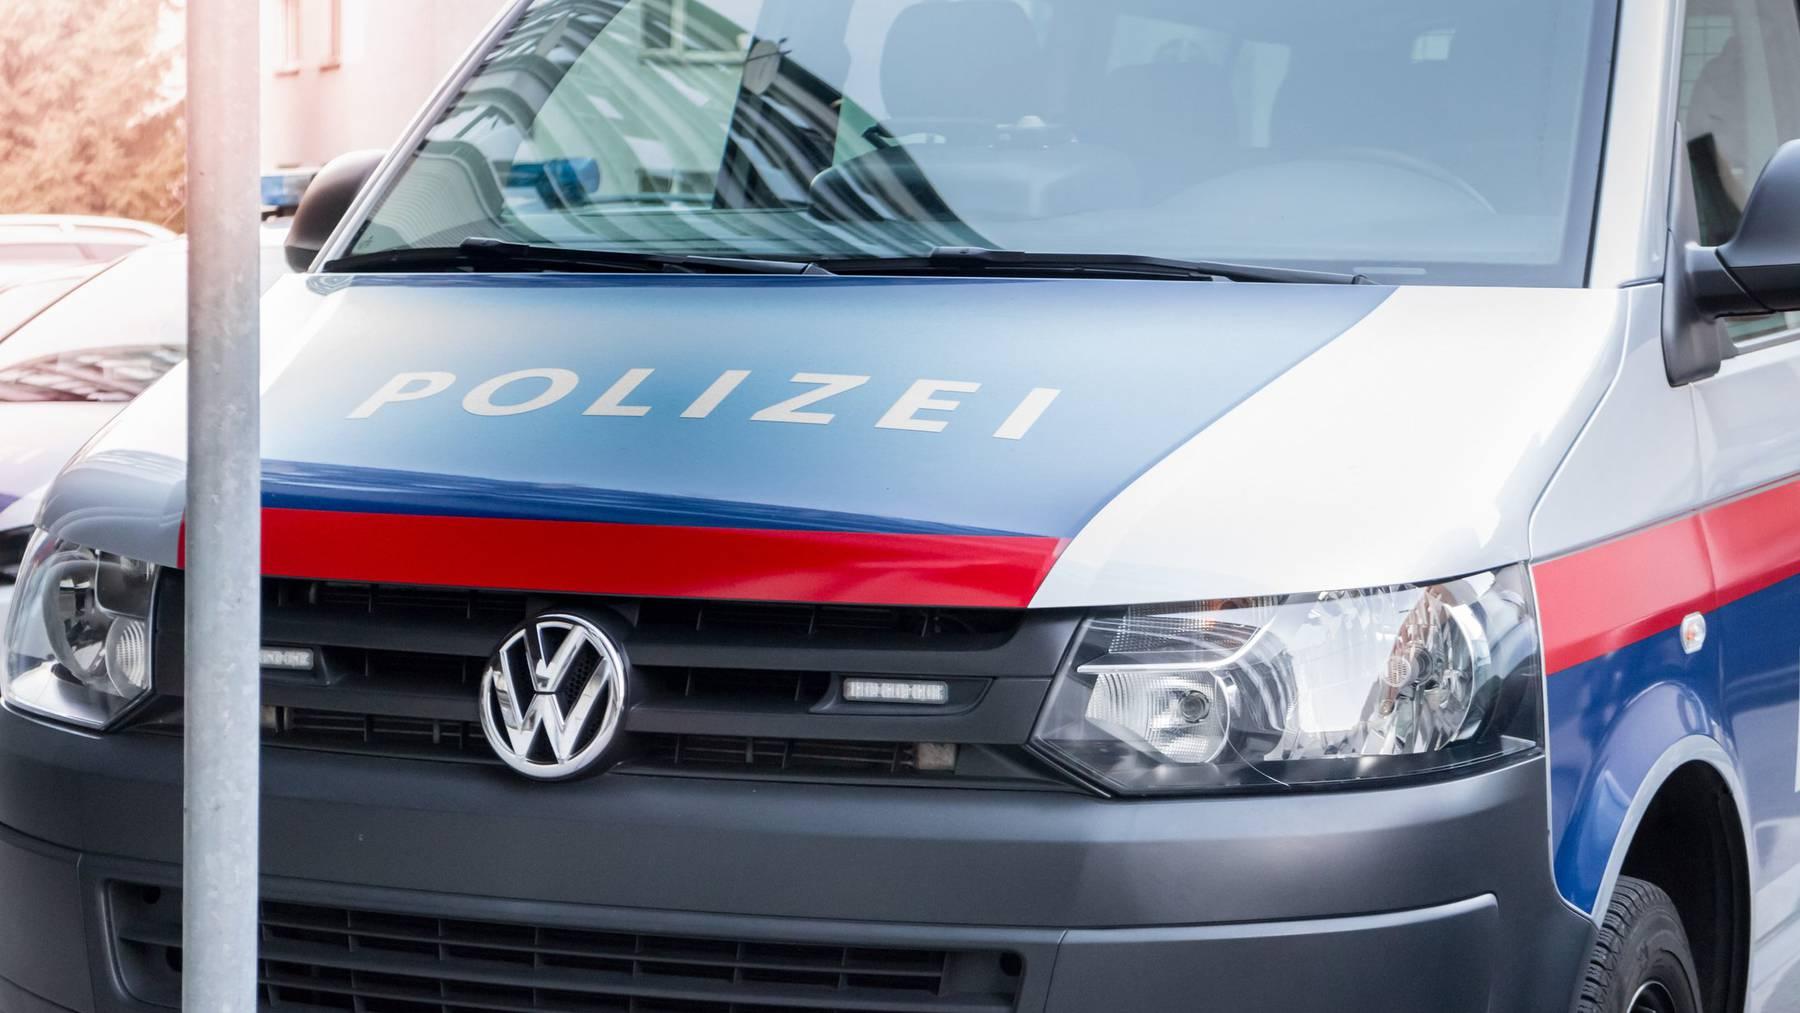 Die Vorarlberger Polizei sucht nach dem flüchtigen Täter. (Symbolbild)